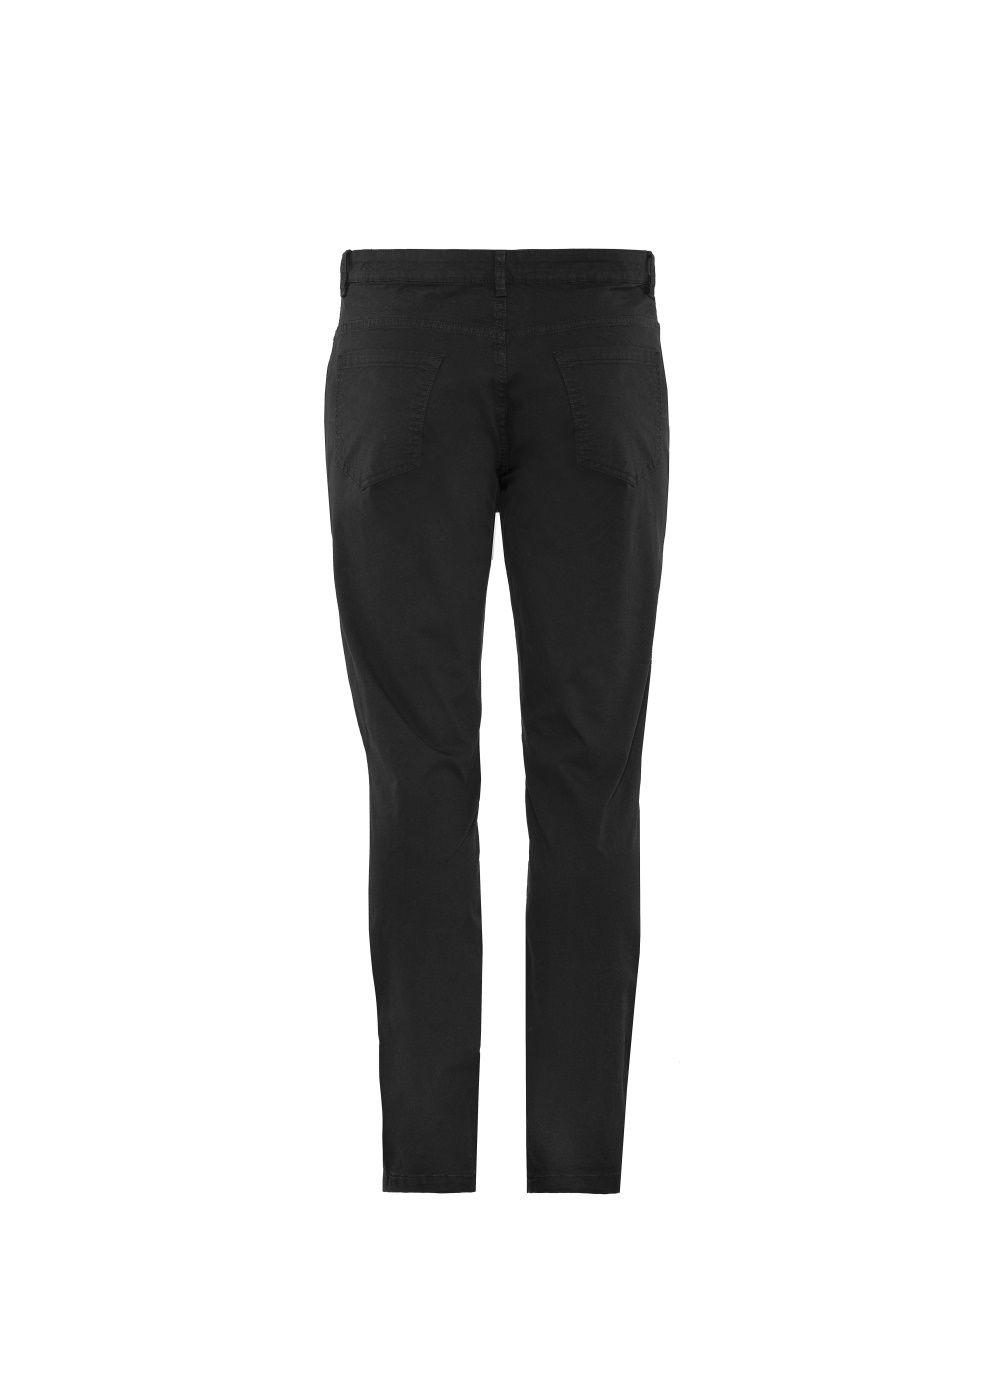 Spodnie męskie SPOMT-0052-99(W20)